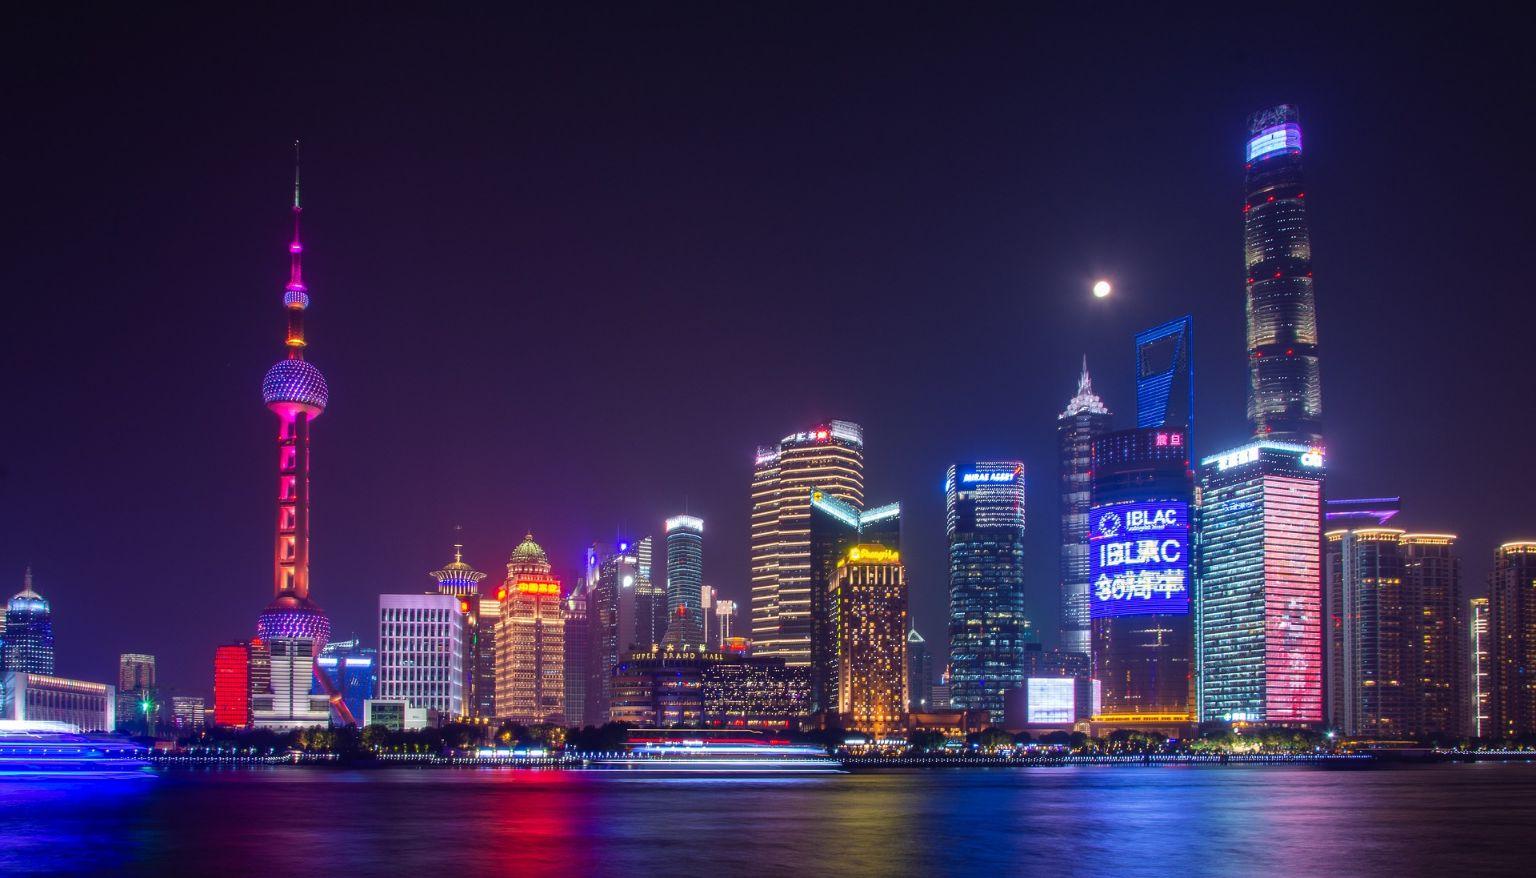 SME SHIPPING บริการส่งของไปจีน ส่งพัสดุไปจีน เราทำให้การส่งของเป็นเรื่องง่ายแค่ปลายนิ้ว ส่งของจากไทยไปจีน ส่งออกจีน อัตราค่าส่งของไปจีน ค่าส่งของไปจีน อัตราค่าส่งพัสดุไปจีน ค่าส่งพัสดุไปจีน ค่าส่งไปรษณีย์ไปจีน ส่ง EMS ไปจีน ส่งของไปจีนทางเครื่องบิน ส่งของไปจีนทางเรือ วิธีส่งของไปจีน ส่งจดหมายไปจีน ส่งเอกสารไปจีน ส่งอาหารไปจีน ส่งออกอาหารทะเลไปจีน ภาษีนำเข้าประเทศจีน